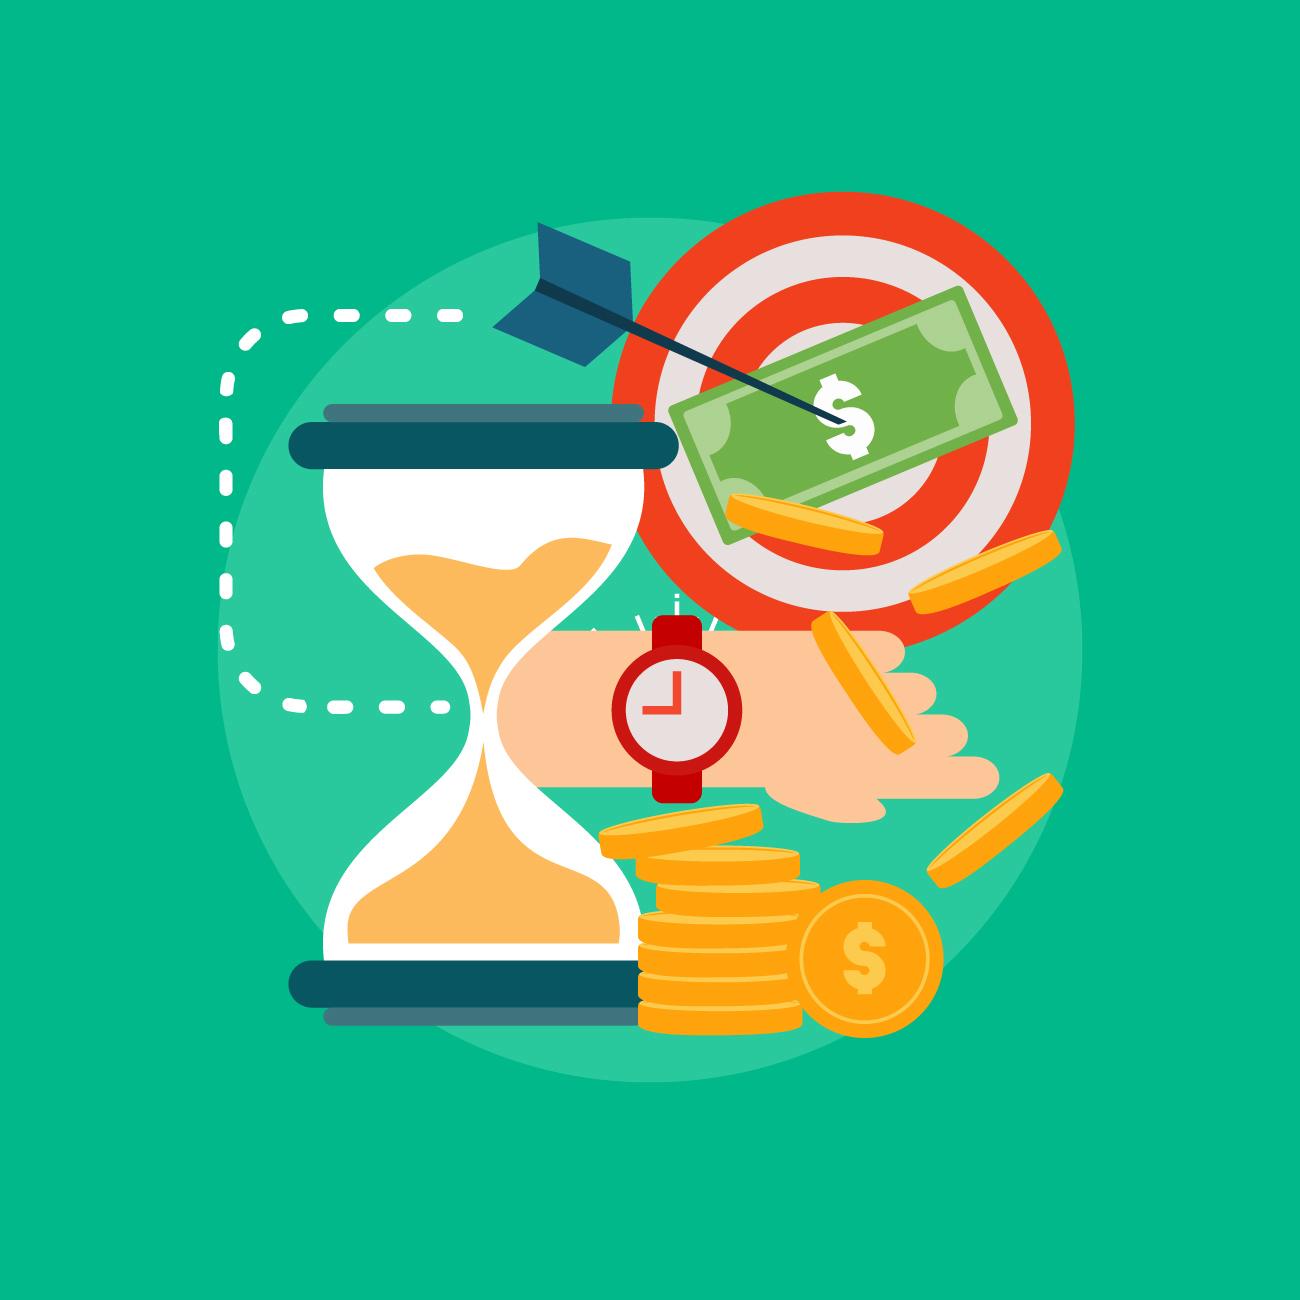 6 dicas para acelerar o fechamento da venda